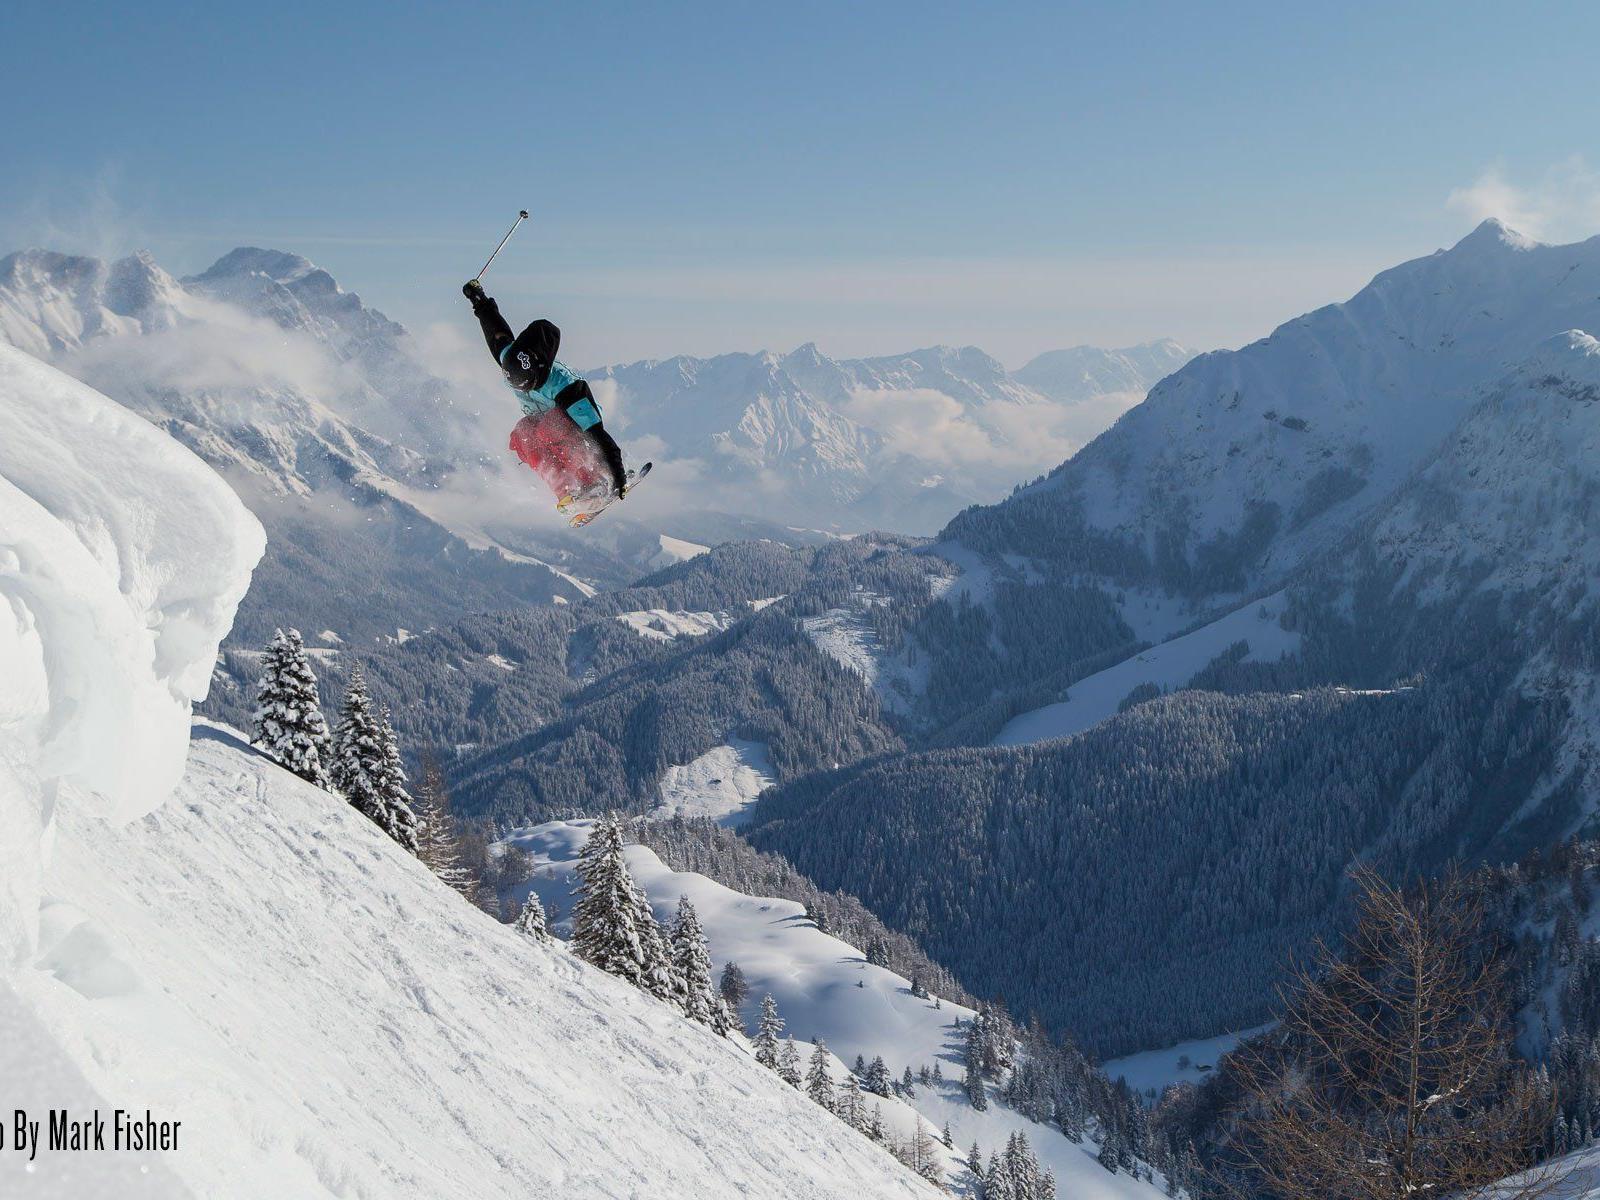 Alle Ski- und Snowboard Fans erwarten vier tolle Kino-Abende voller Action und mit atemberaubenden Landschaftsaufnahmen.